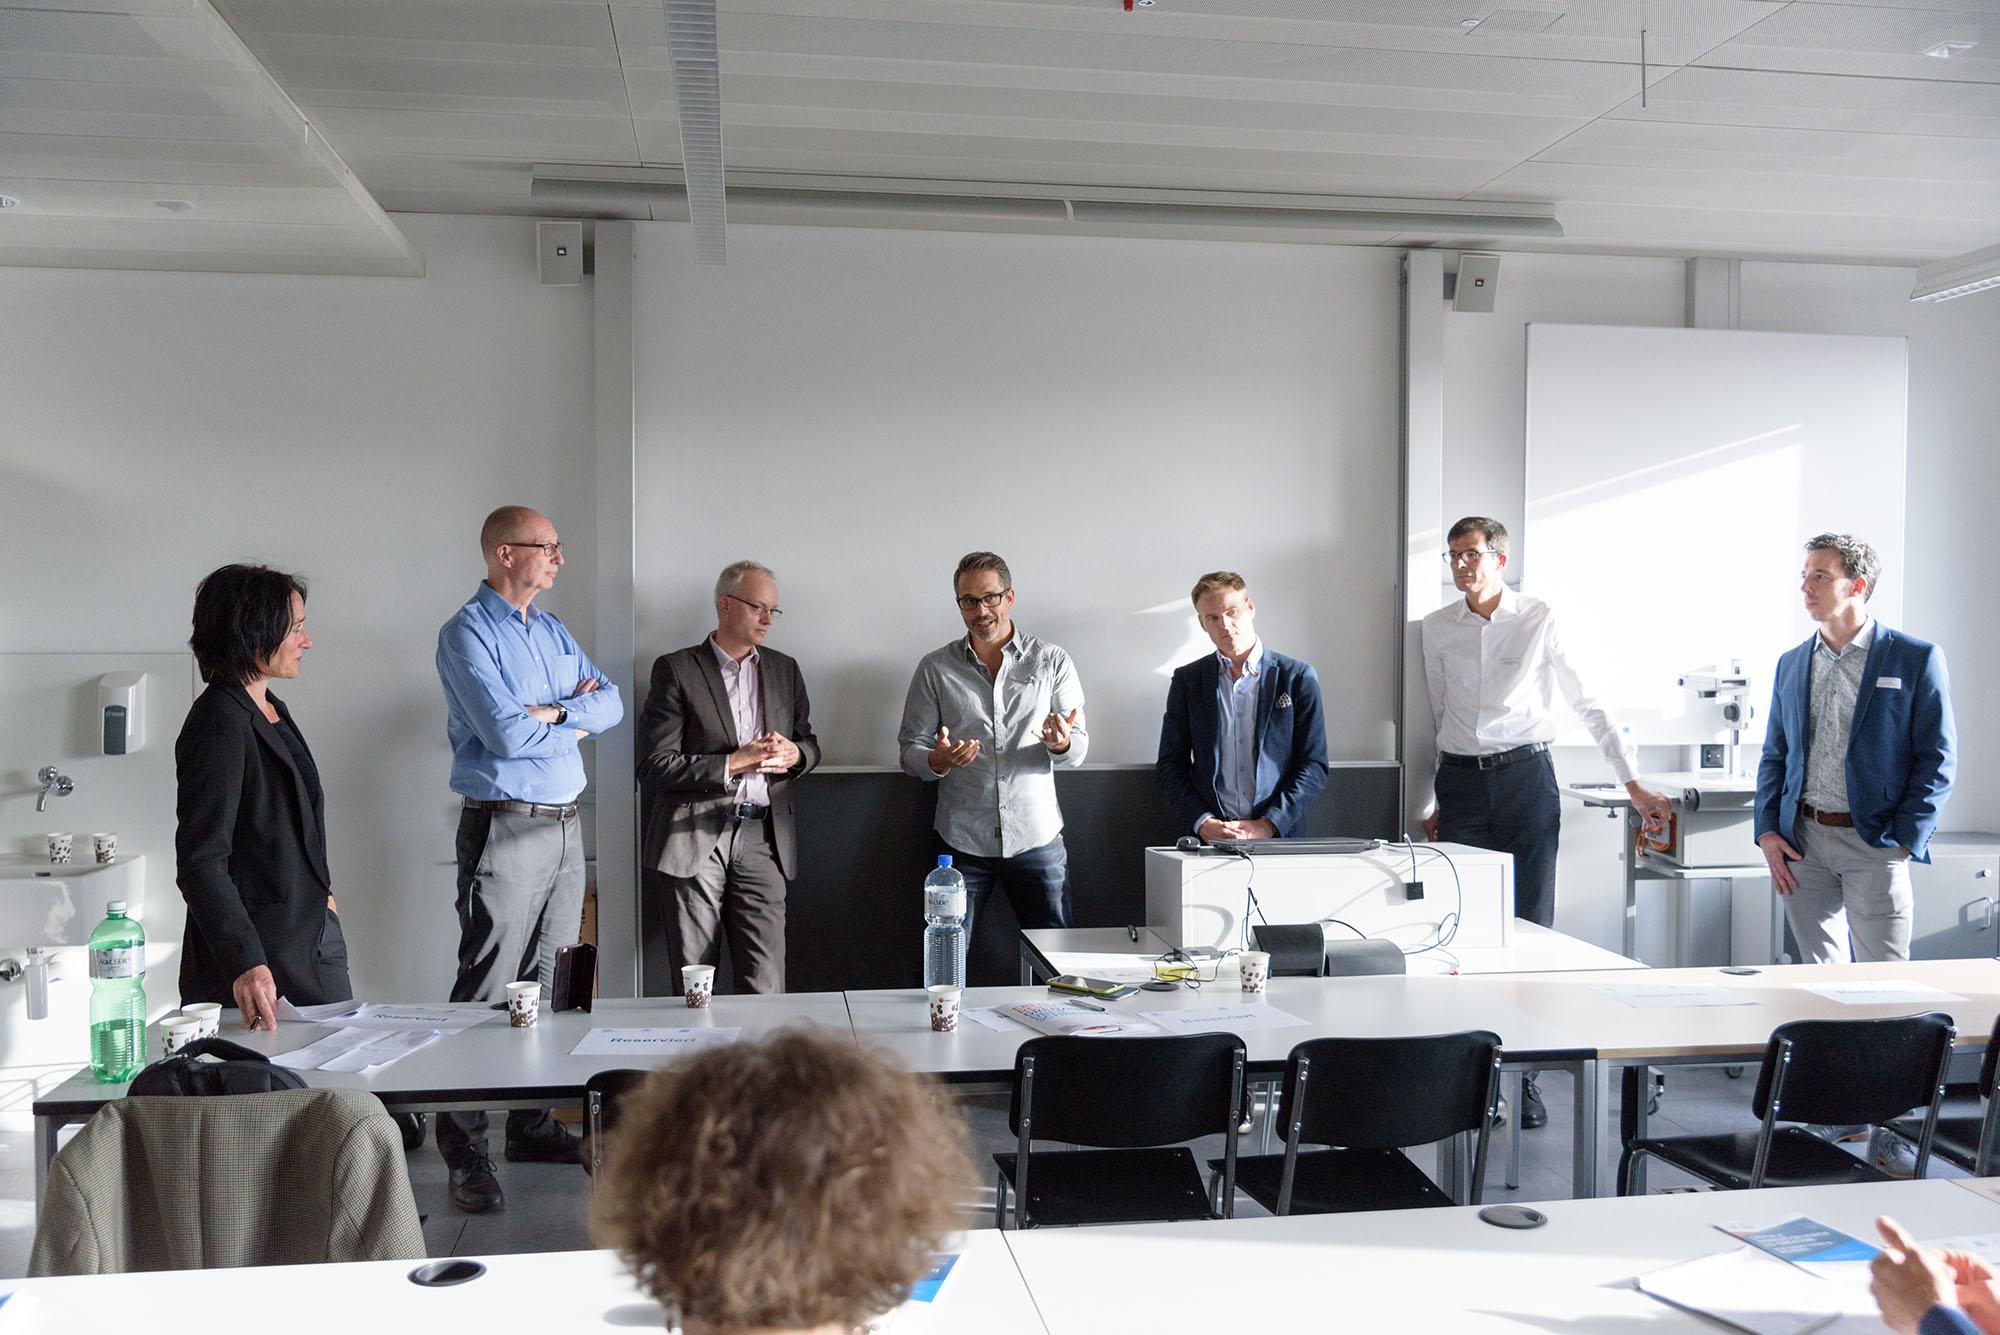 Karin Landolt, Andre Golliez, Jürg Meierhofer, Marco Sieber, Christoph Zech, Vicente Carabias, Paul Geurts, Erwin Pfister